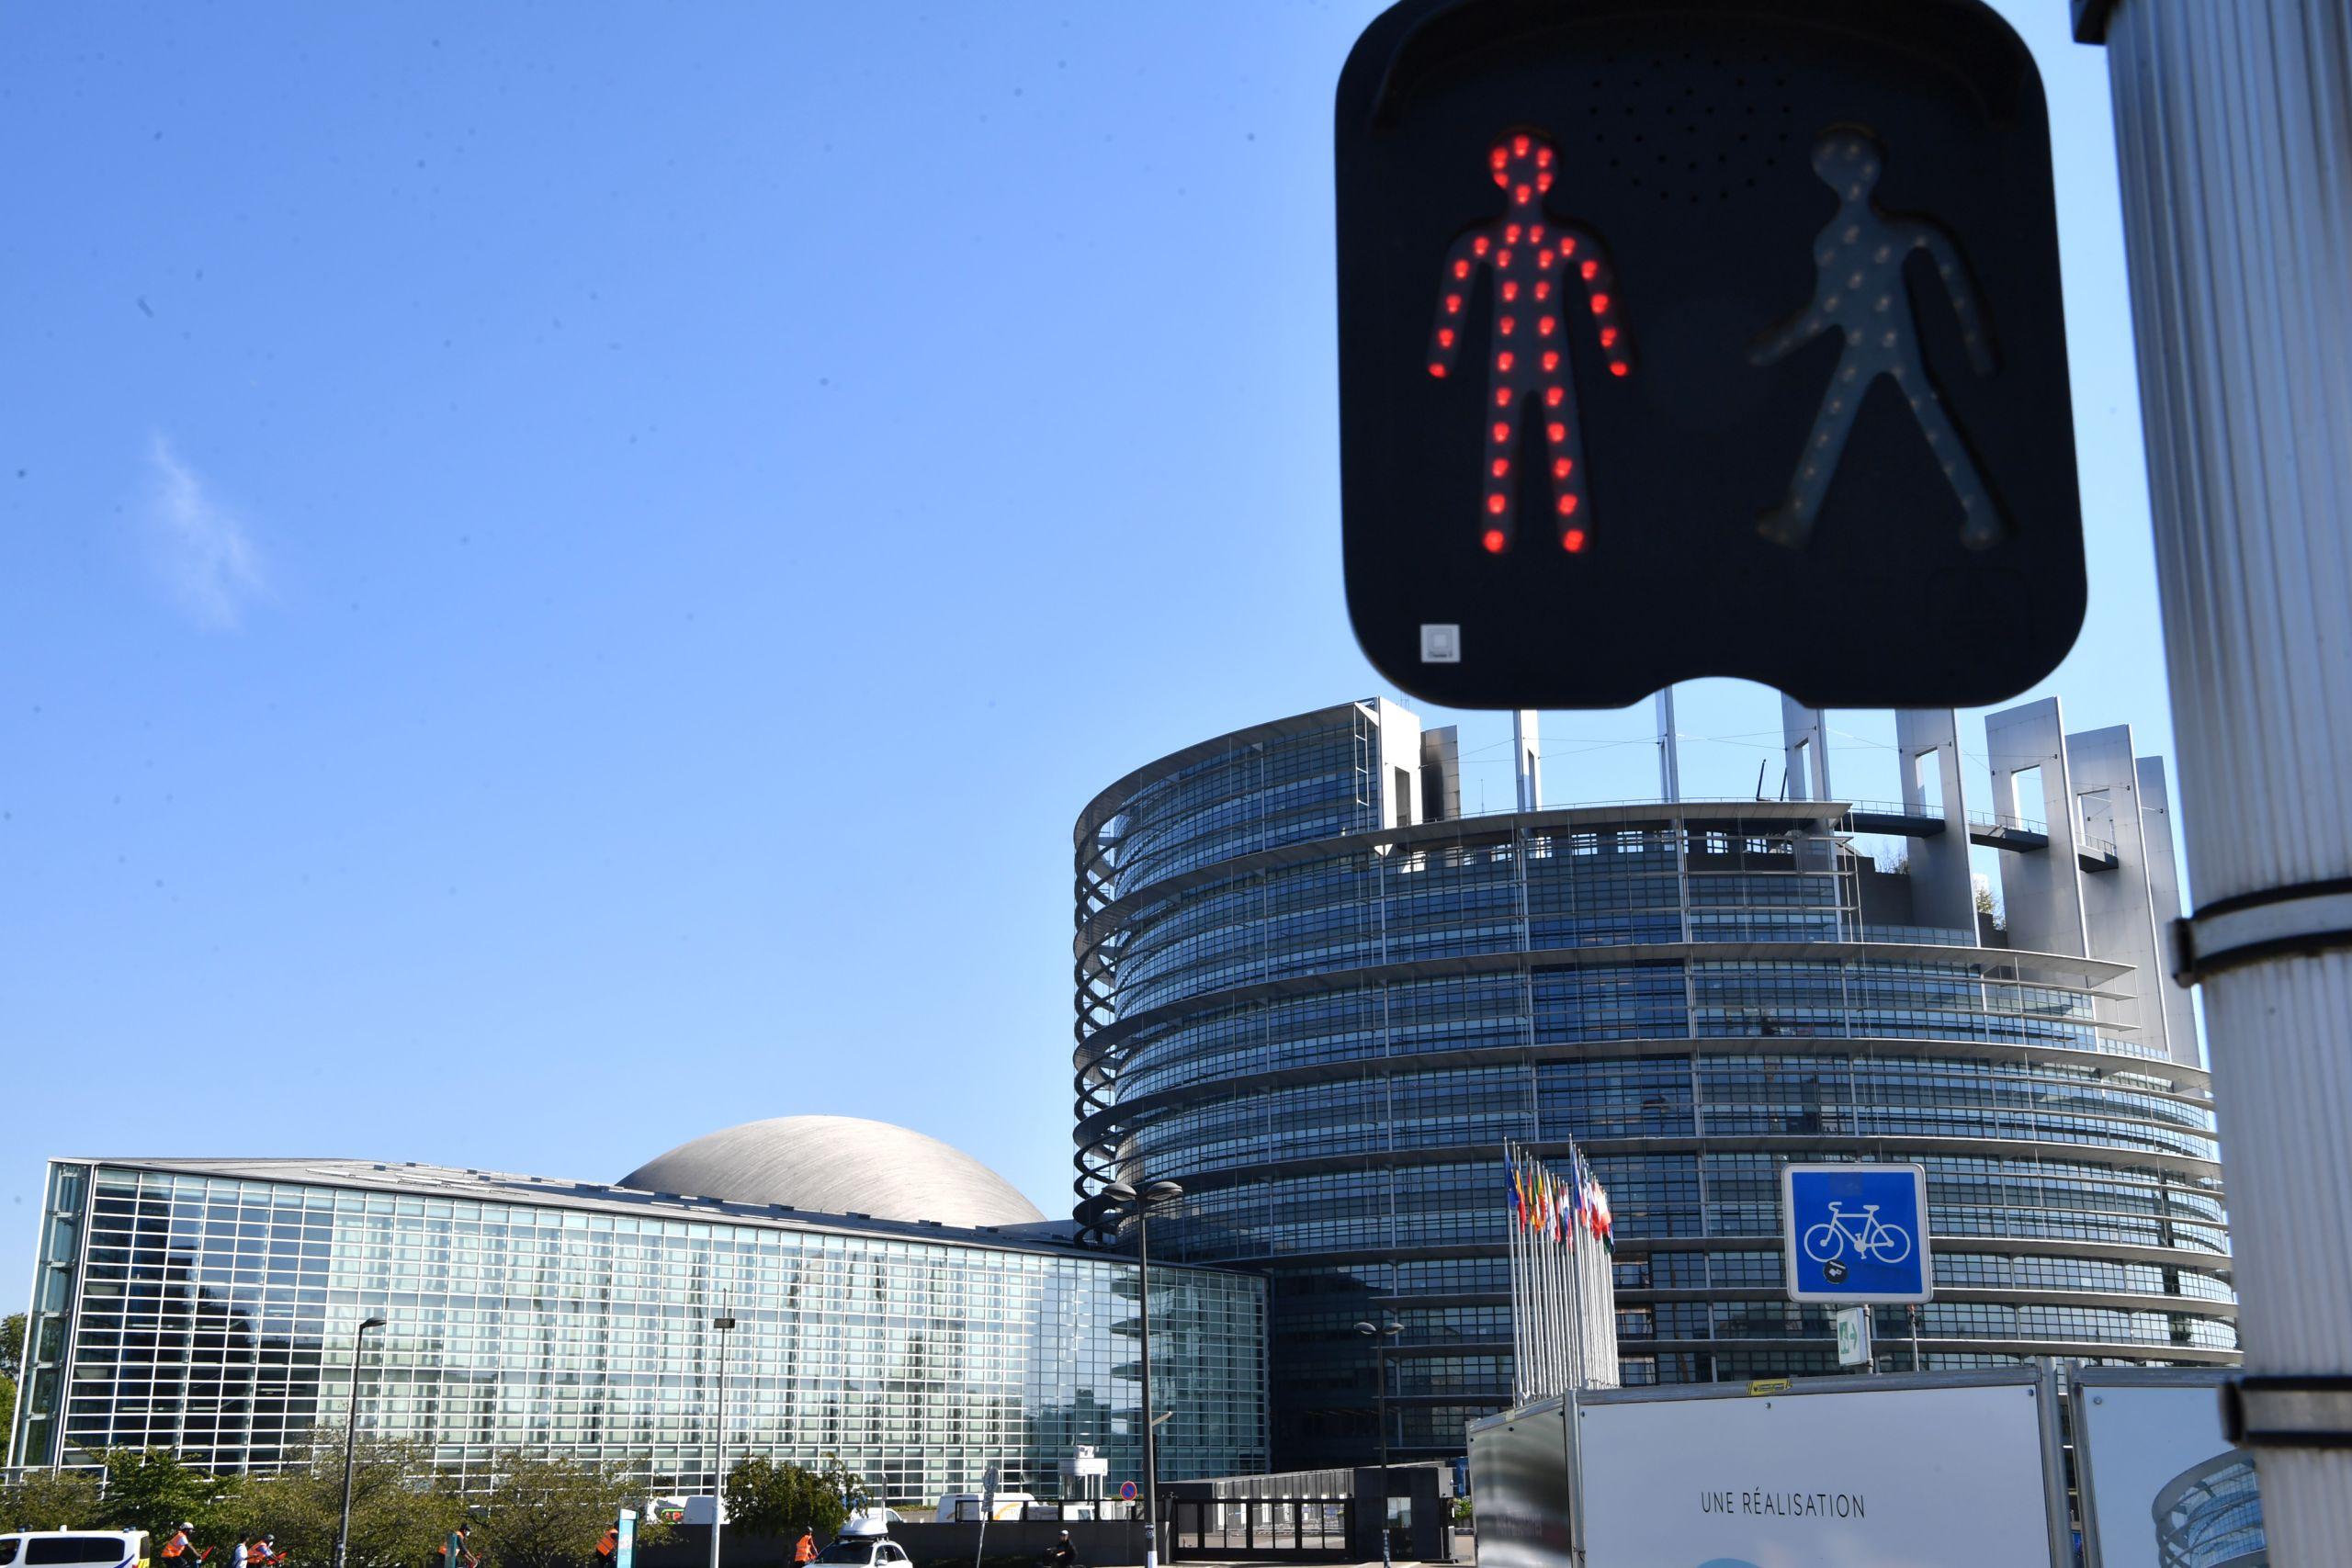 Calendrier Session Parlementaire Strasbourg 2021 Politique. Siège du Parlement européen à Strasbourg : la crise